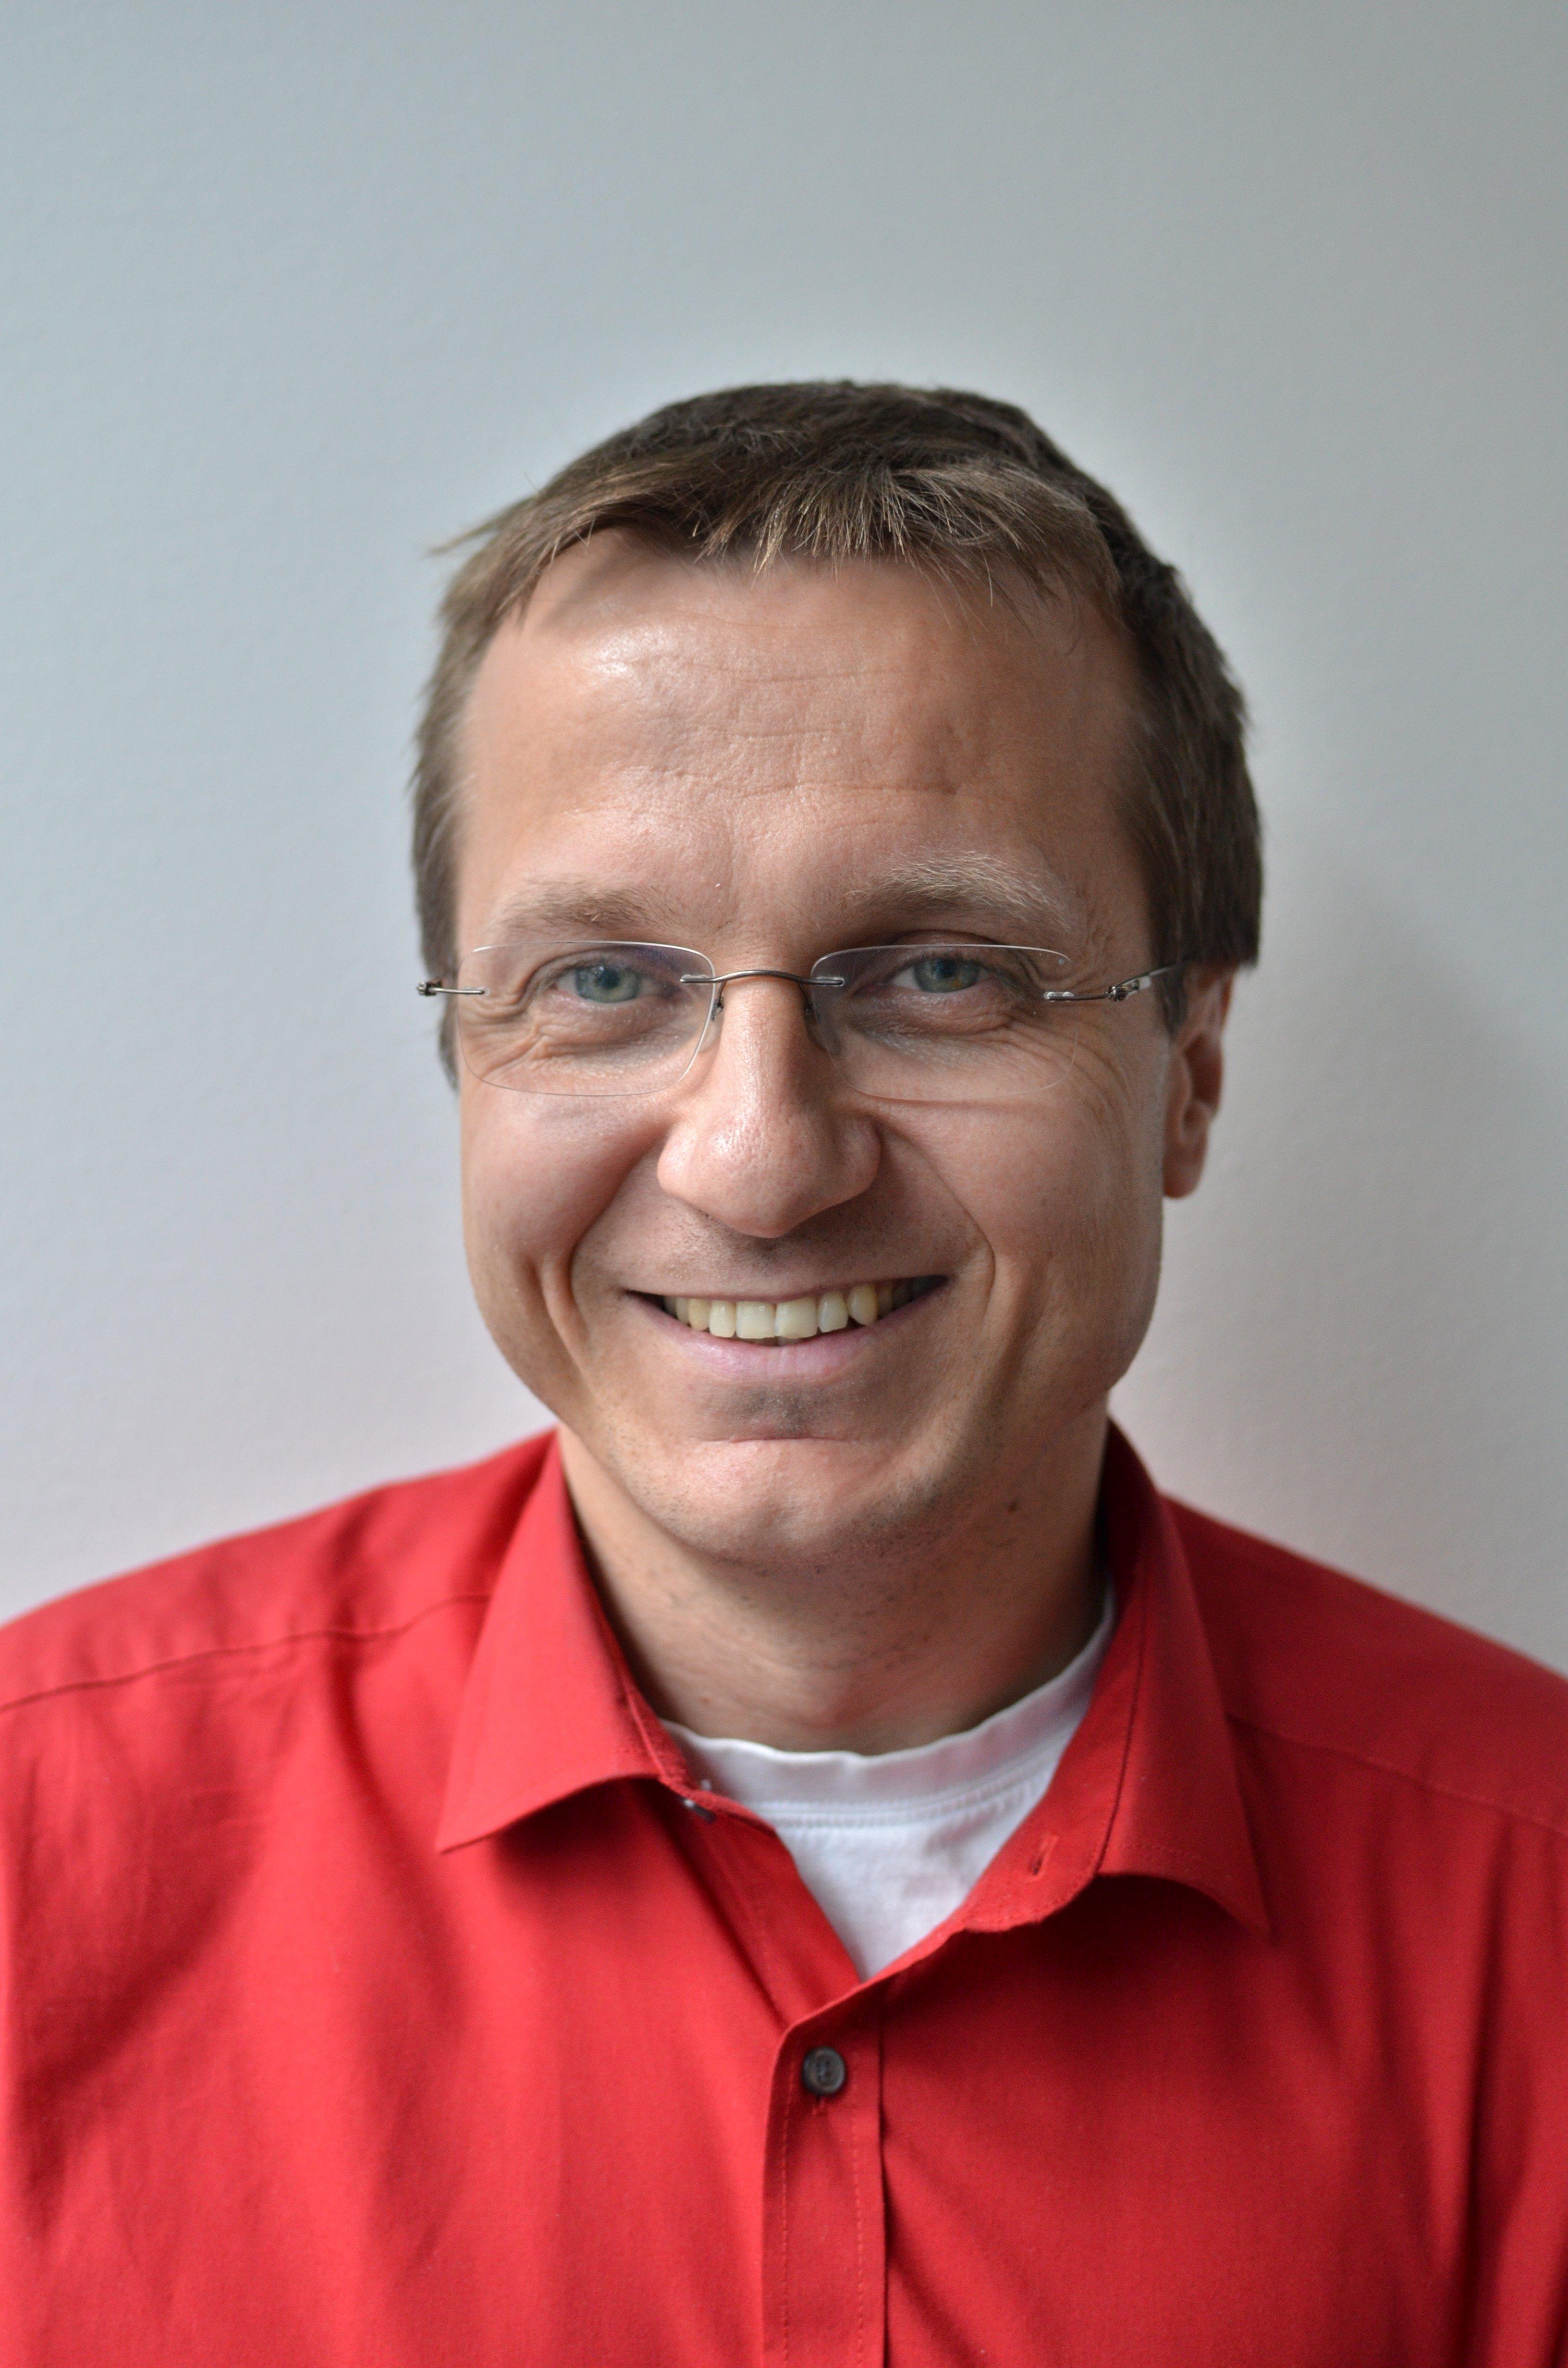 Oliver Kölling